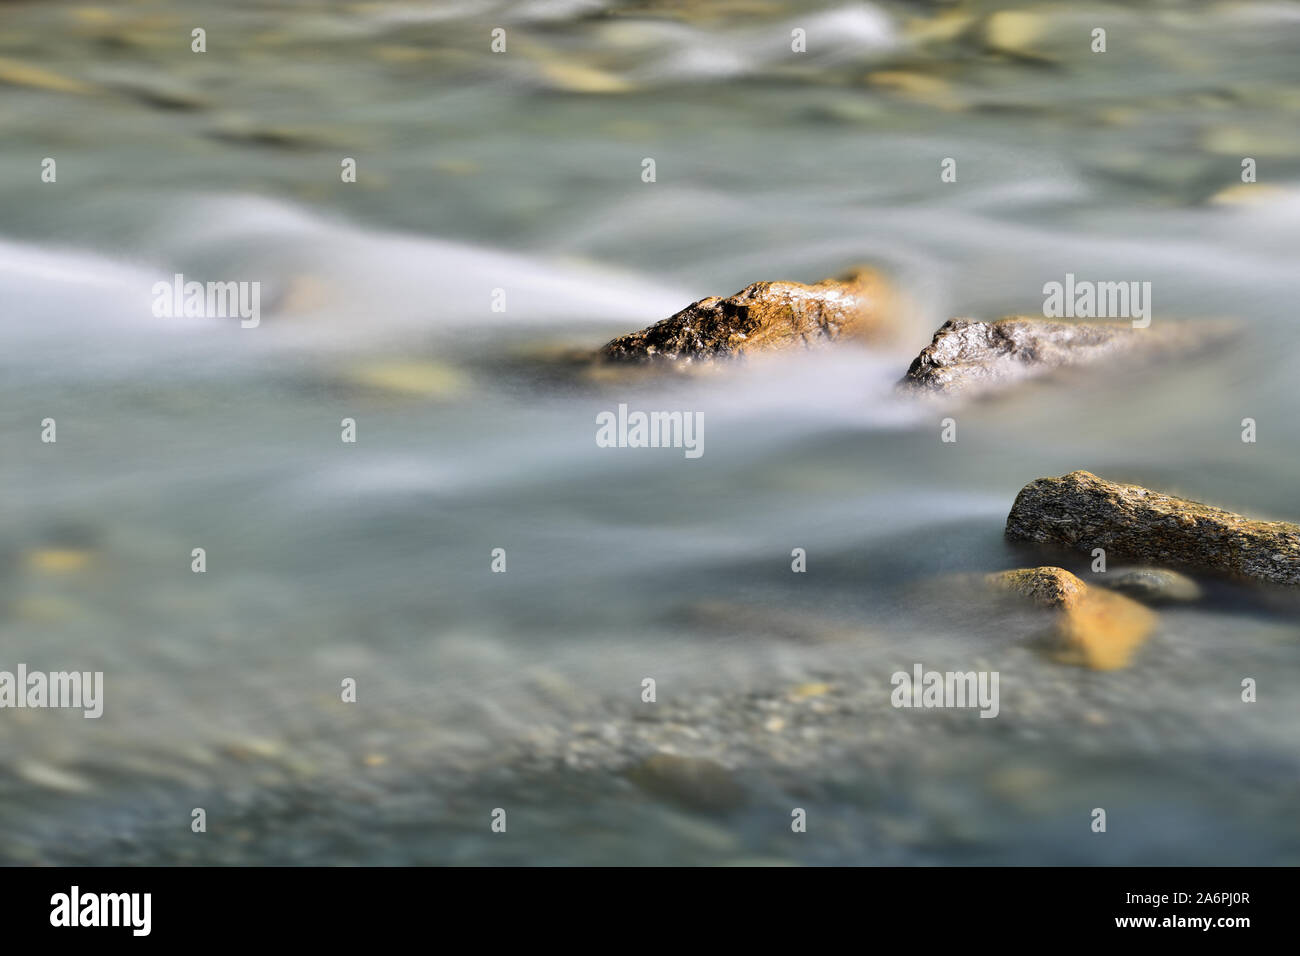 Río alpino de montaña con corrientes de aguas salvajes y hermosos de rocas naturales. La larga exposición de la fotografía, la captura de movimiento. Concepto de actividades al aire libre. Foto de stock